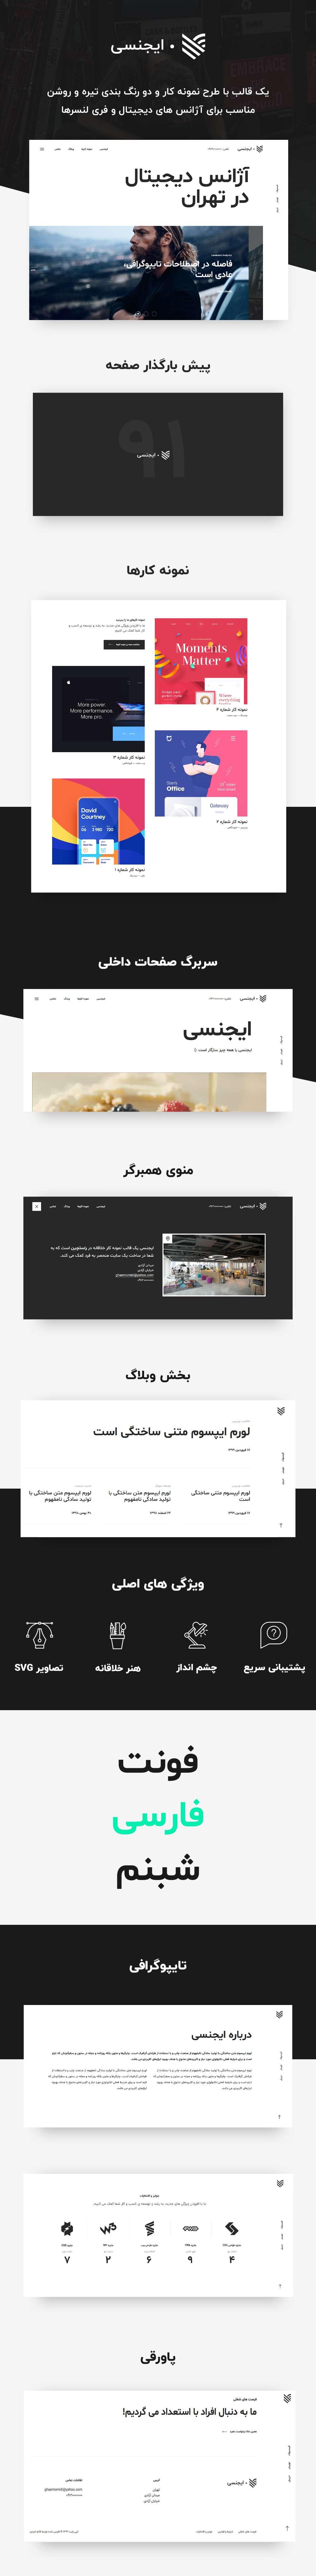 قالب Agensy | قالب HTML نمونه کار، شخصی و شرکتی خلاقانه ایجنسی